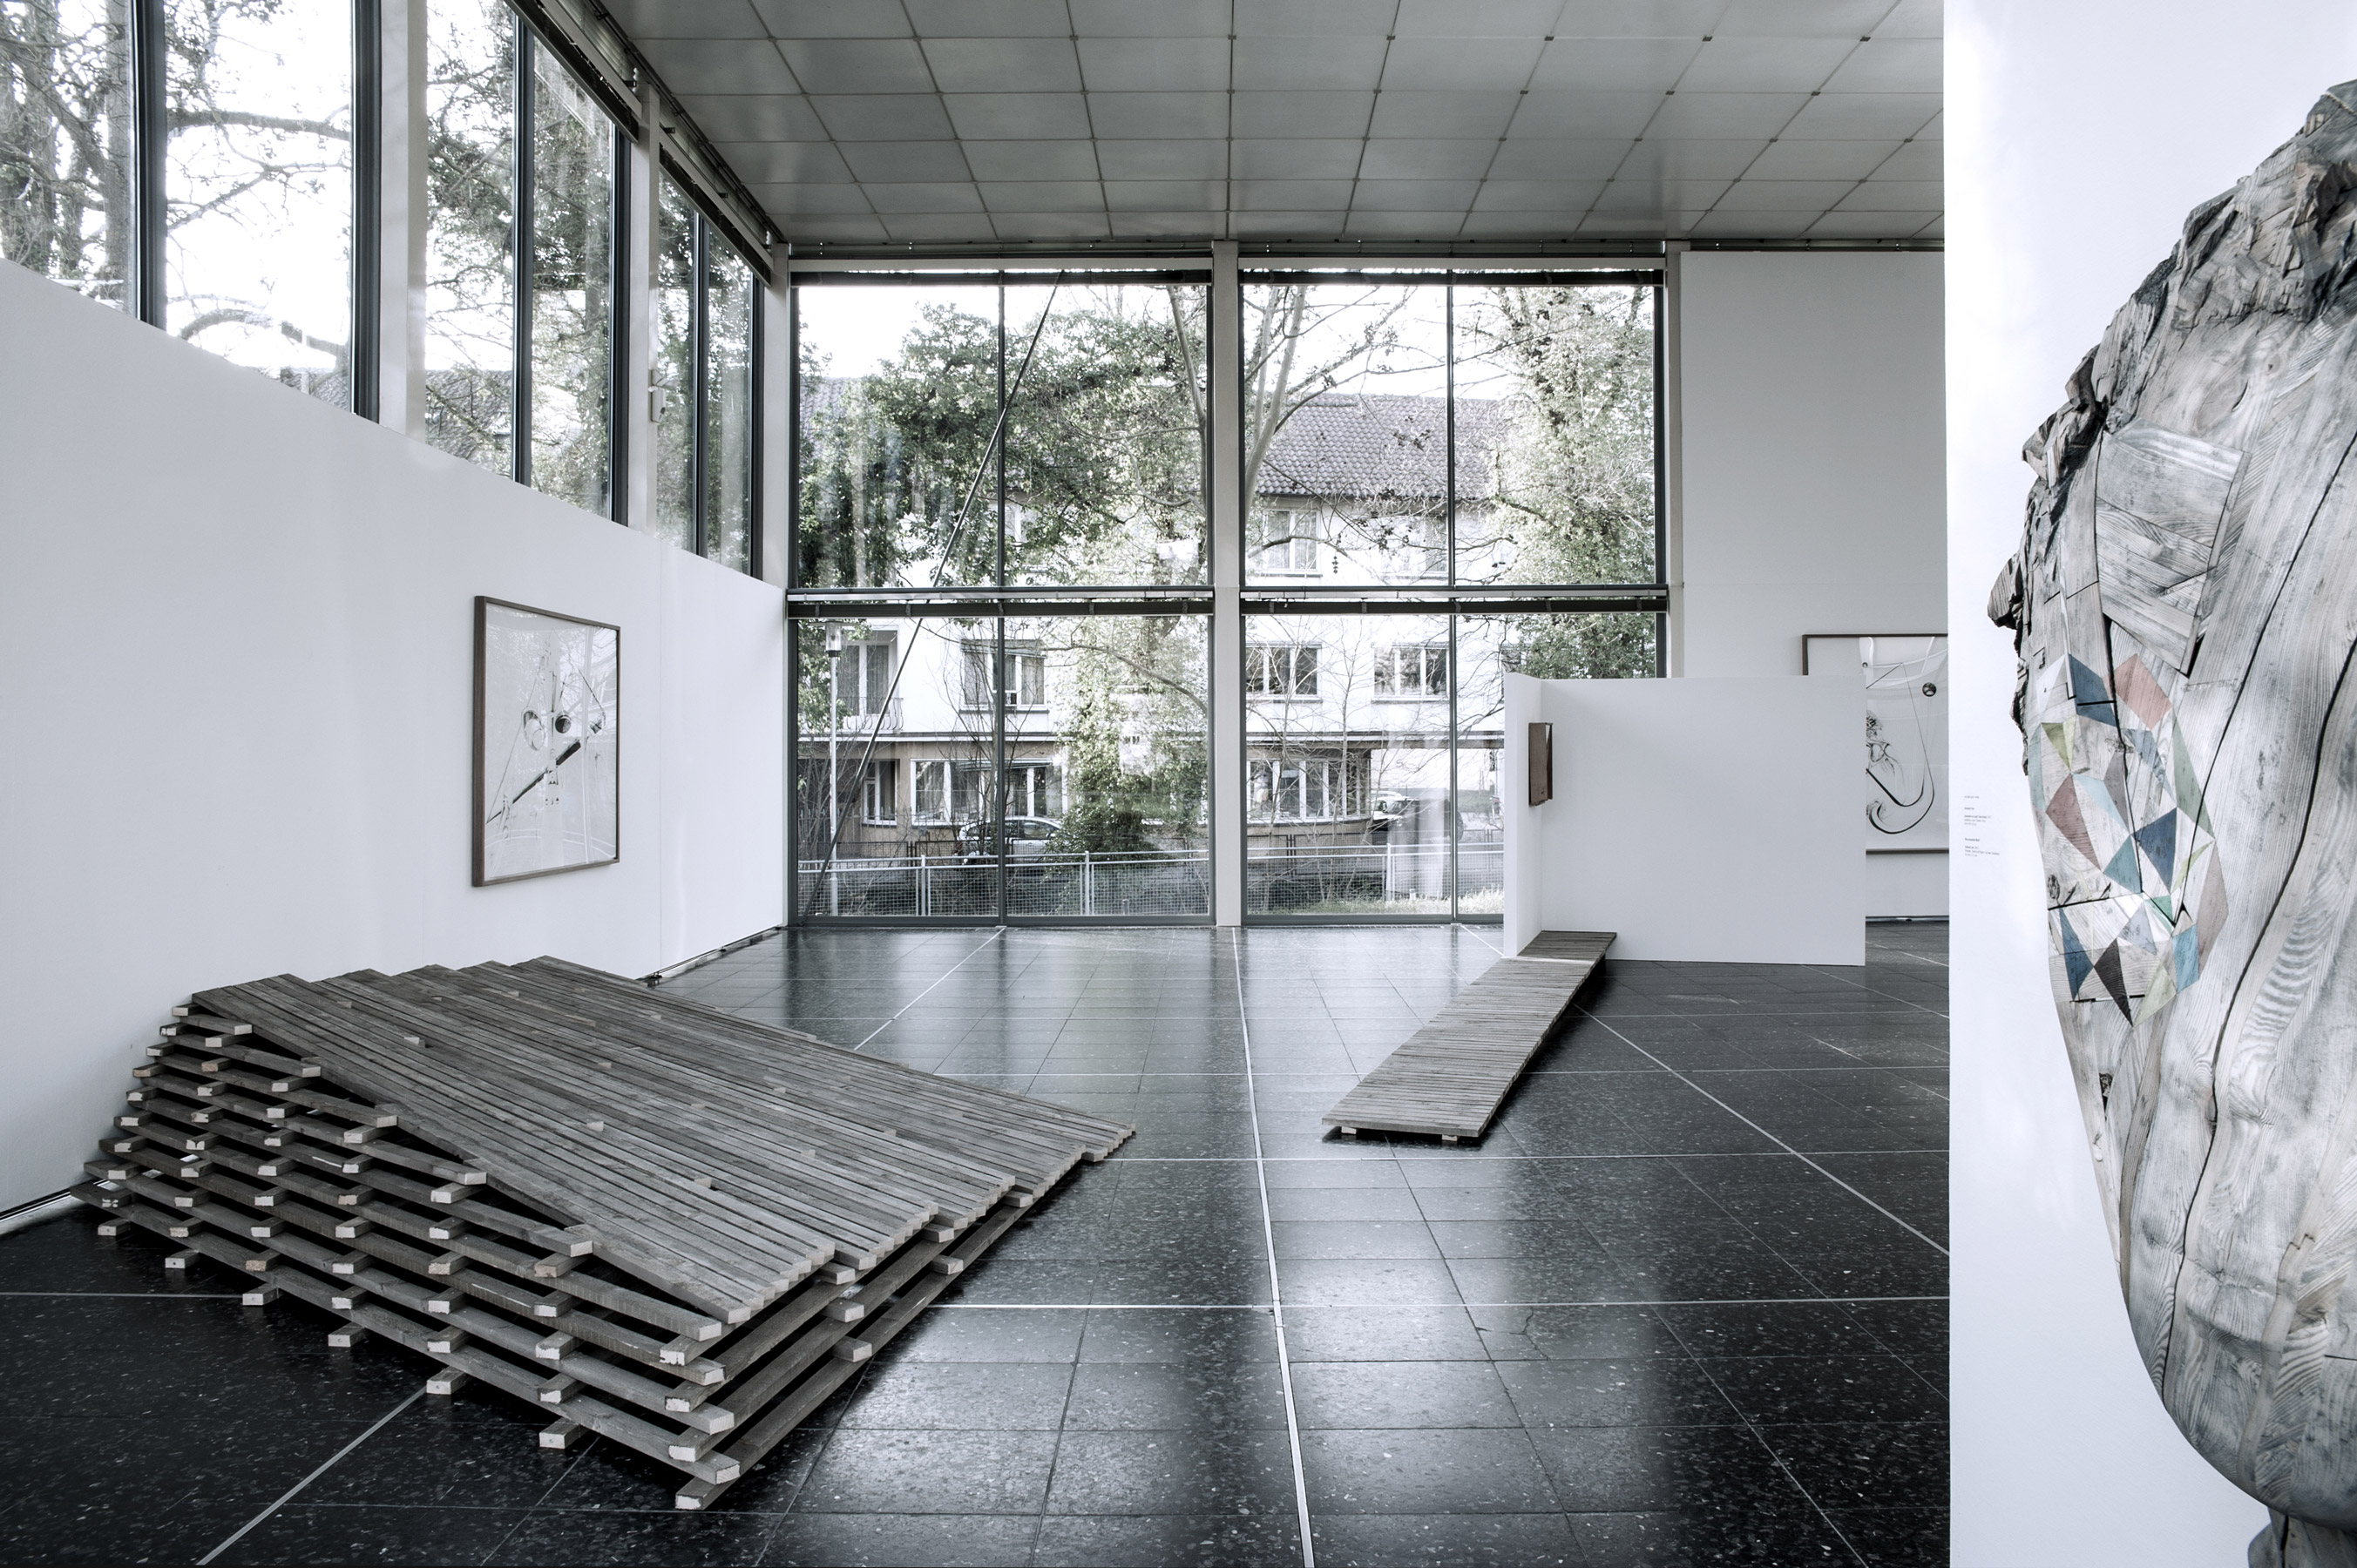 Nina Annabelle Märkl   Reinhard Voss   don't walk the line   Installationsansicht   Kunstverein Pforzheim   2014